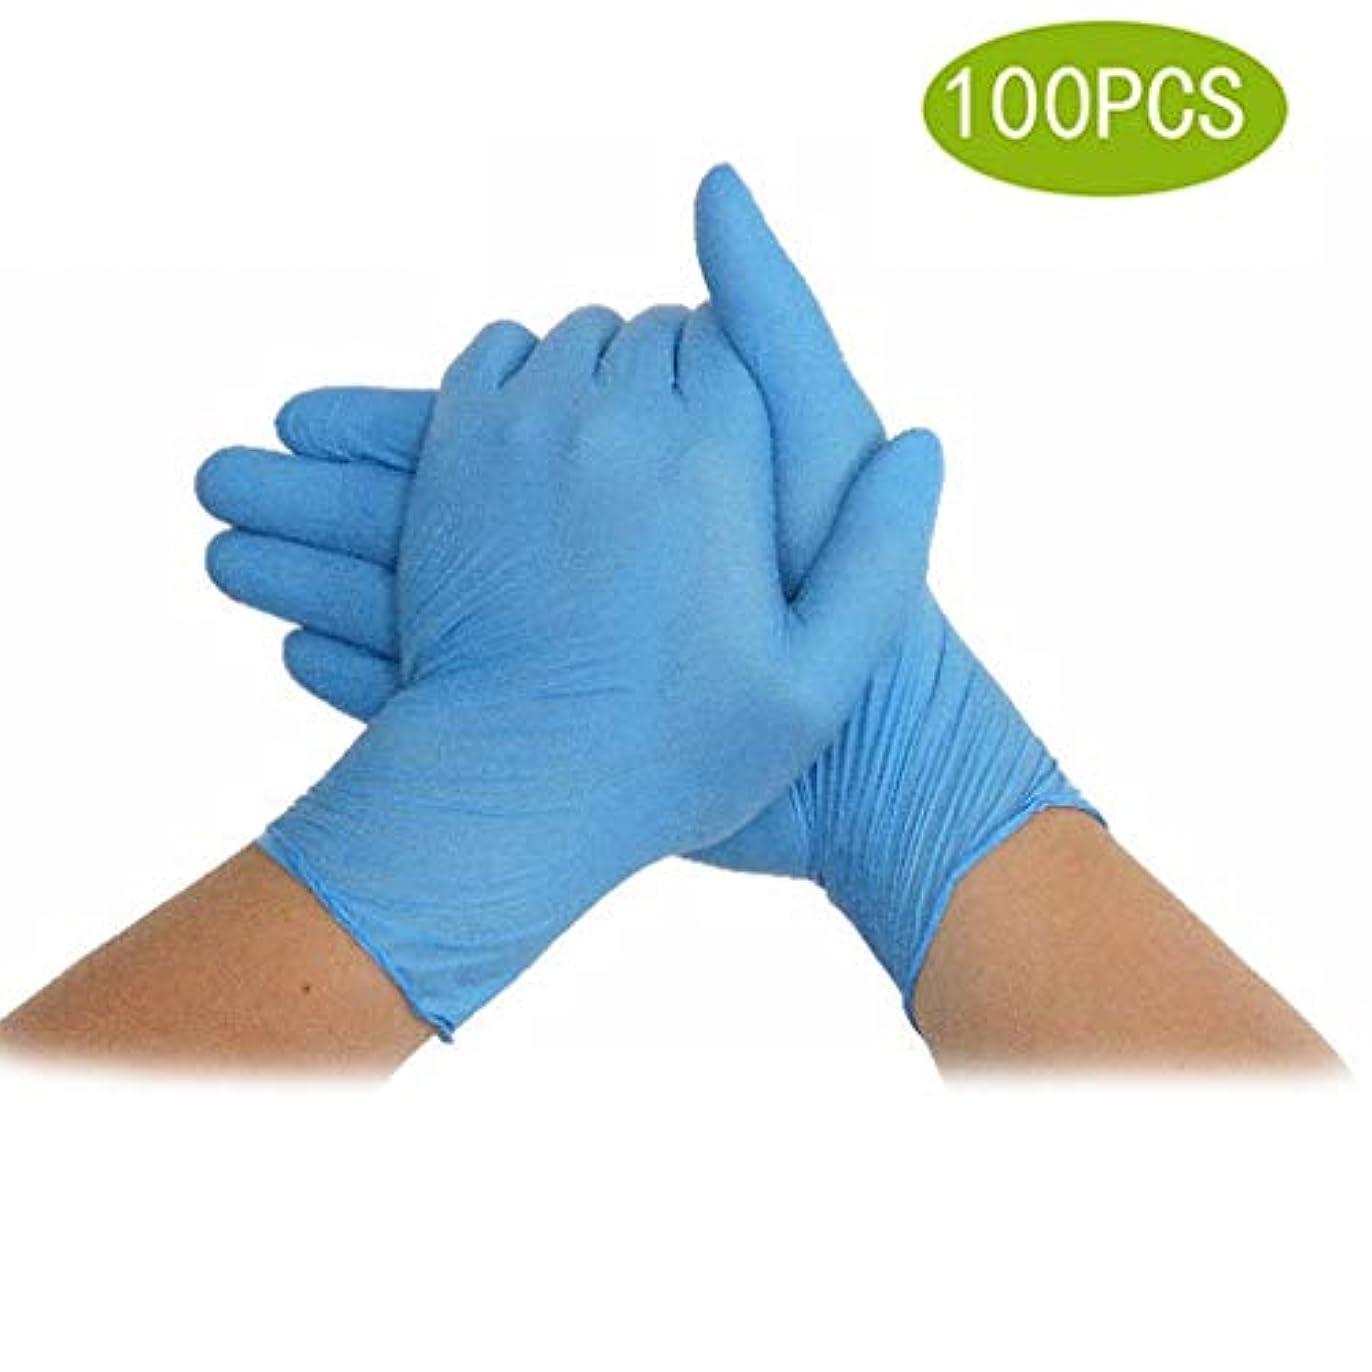 精緻化美的インシデント9インチ使い捨て手袋軽量安全フィットニトリル手袋ミディアムパウダーフリーラテックスフリーライト作業クリーニング園芸医療用グレードタトゥーメディカル試験用手袋100倍 (Size : S)